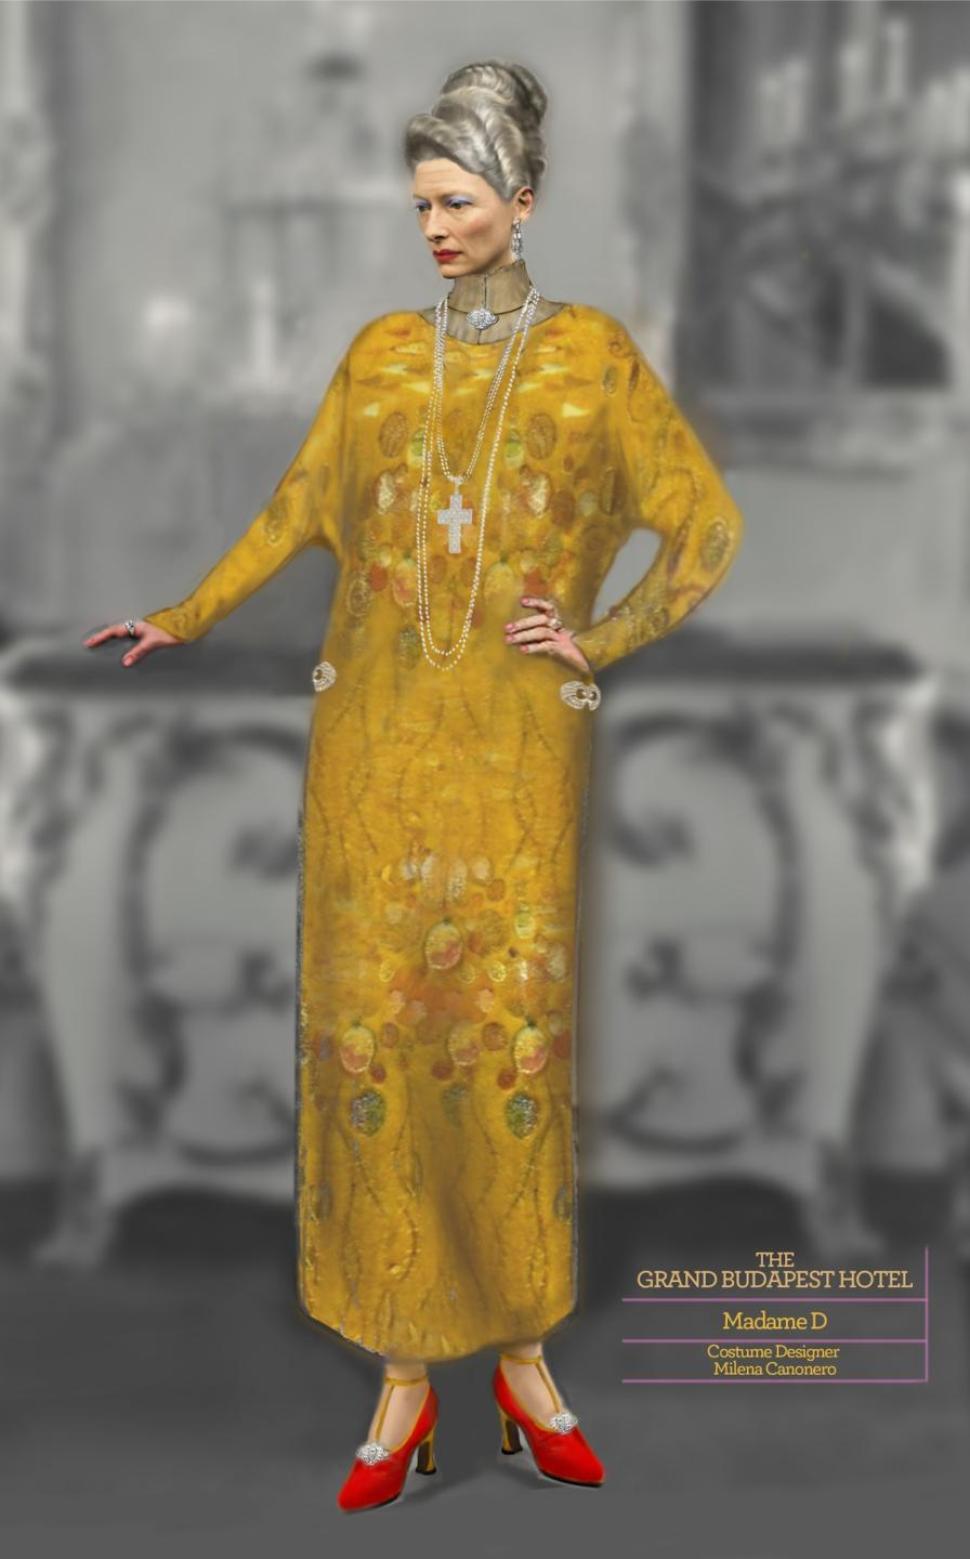 Il bozzetto del costume di Madame D, ispirato ai pattern e al color oro dei quadri di Gustav Klimt